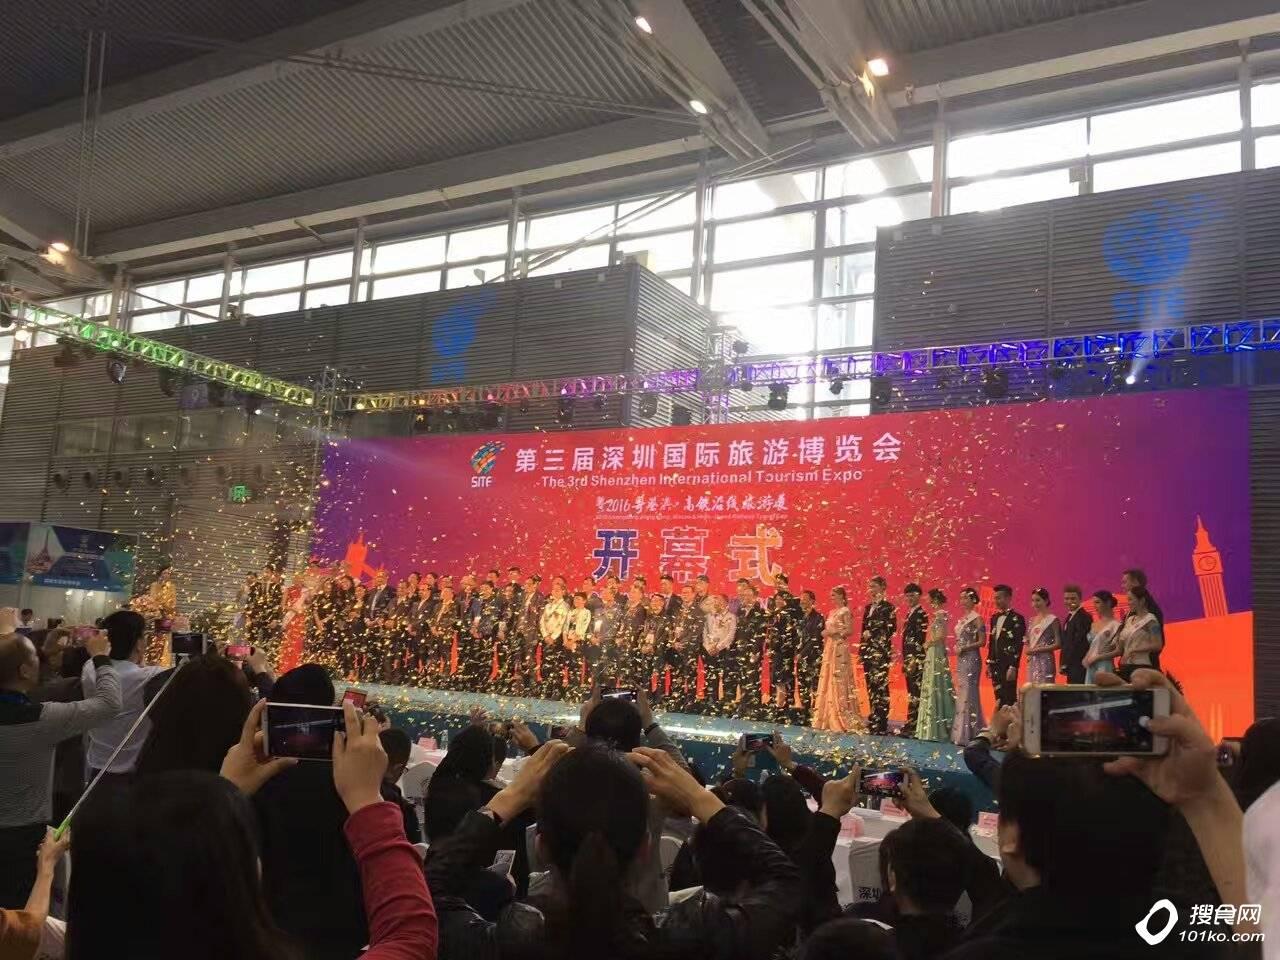 悦观潮被评为'旅游创新文化品牌'